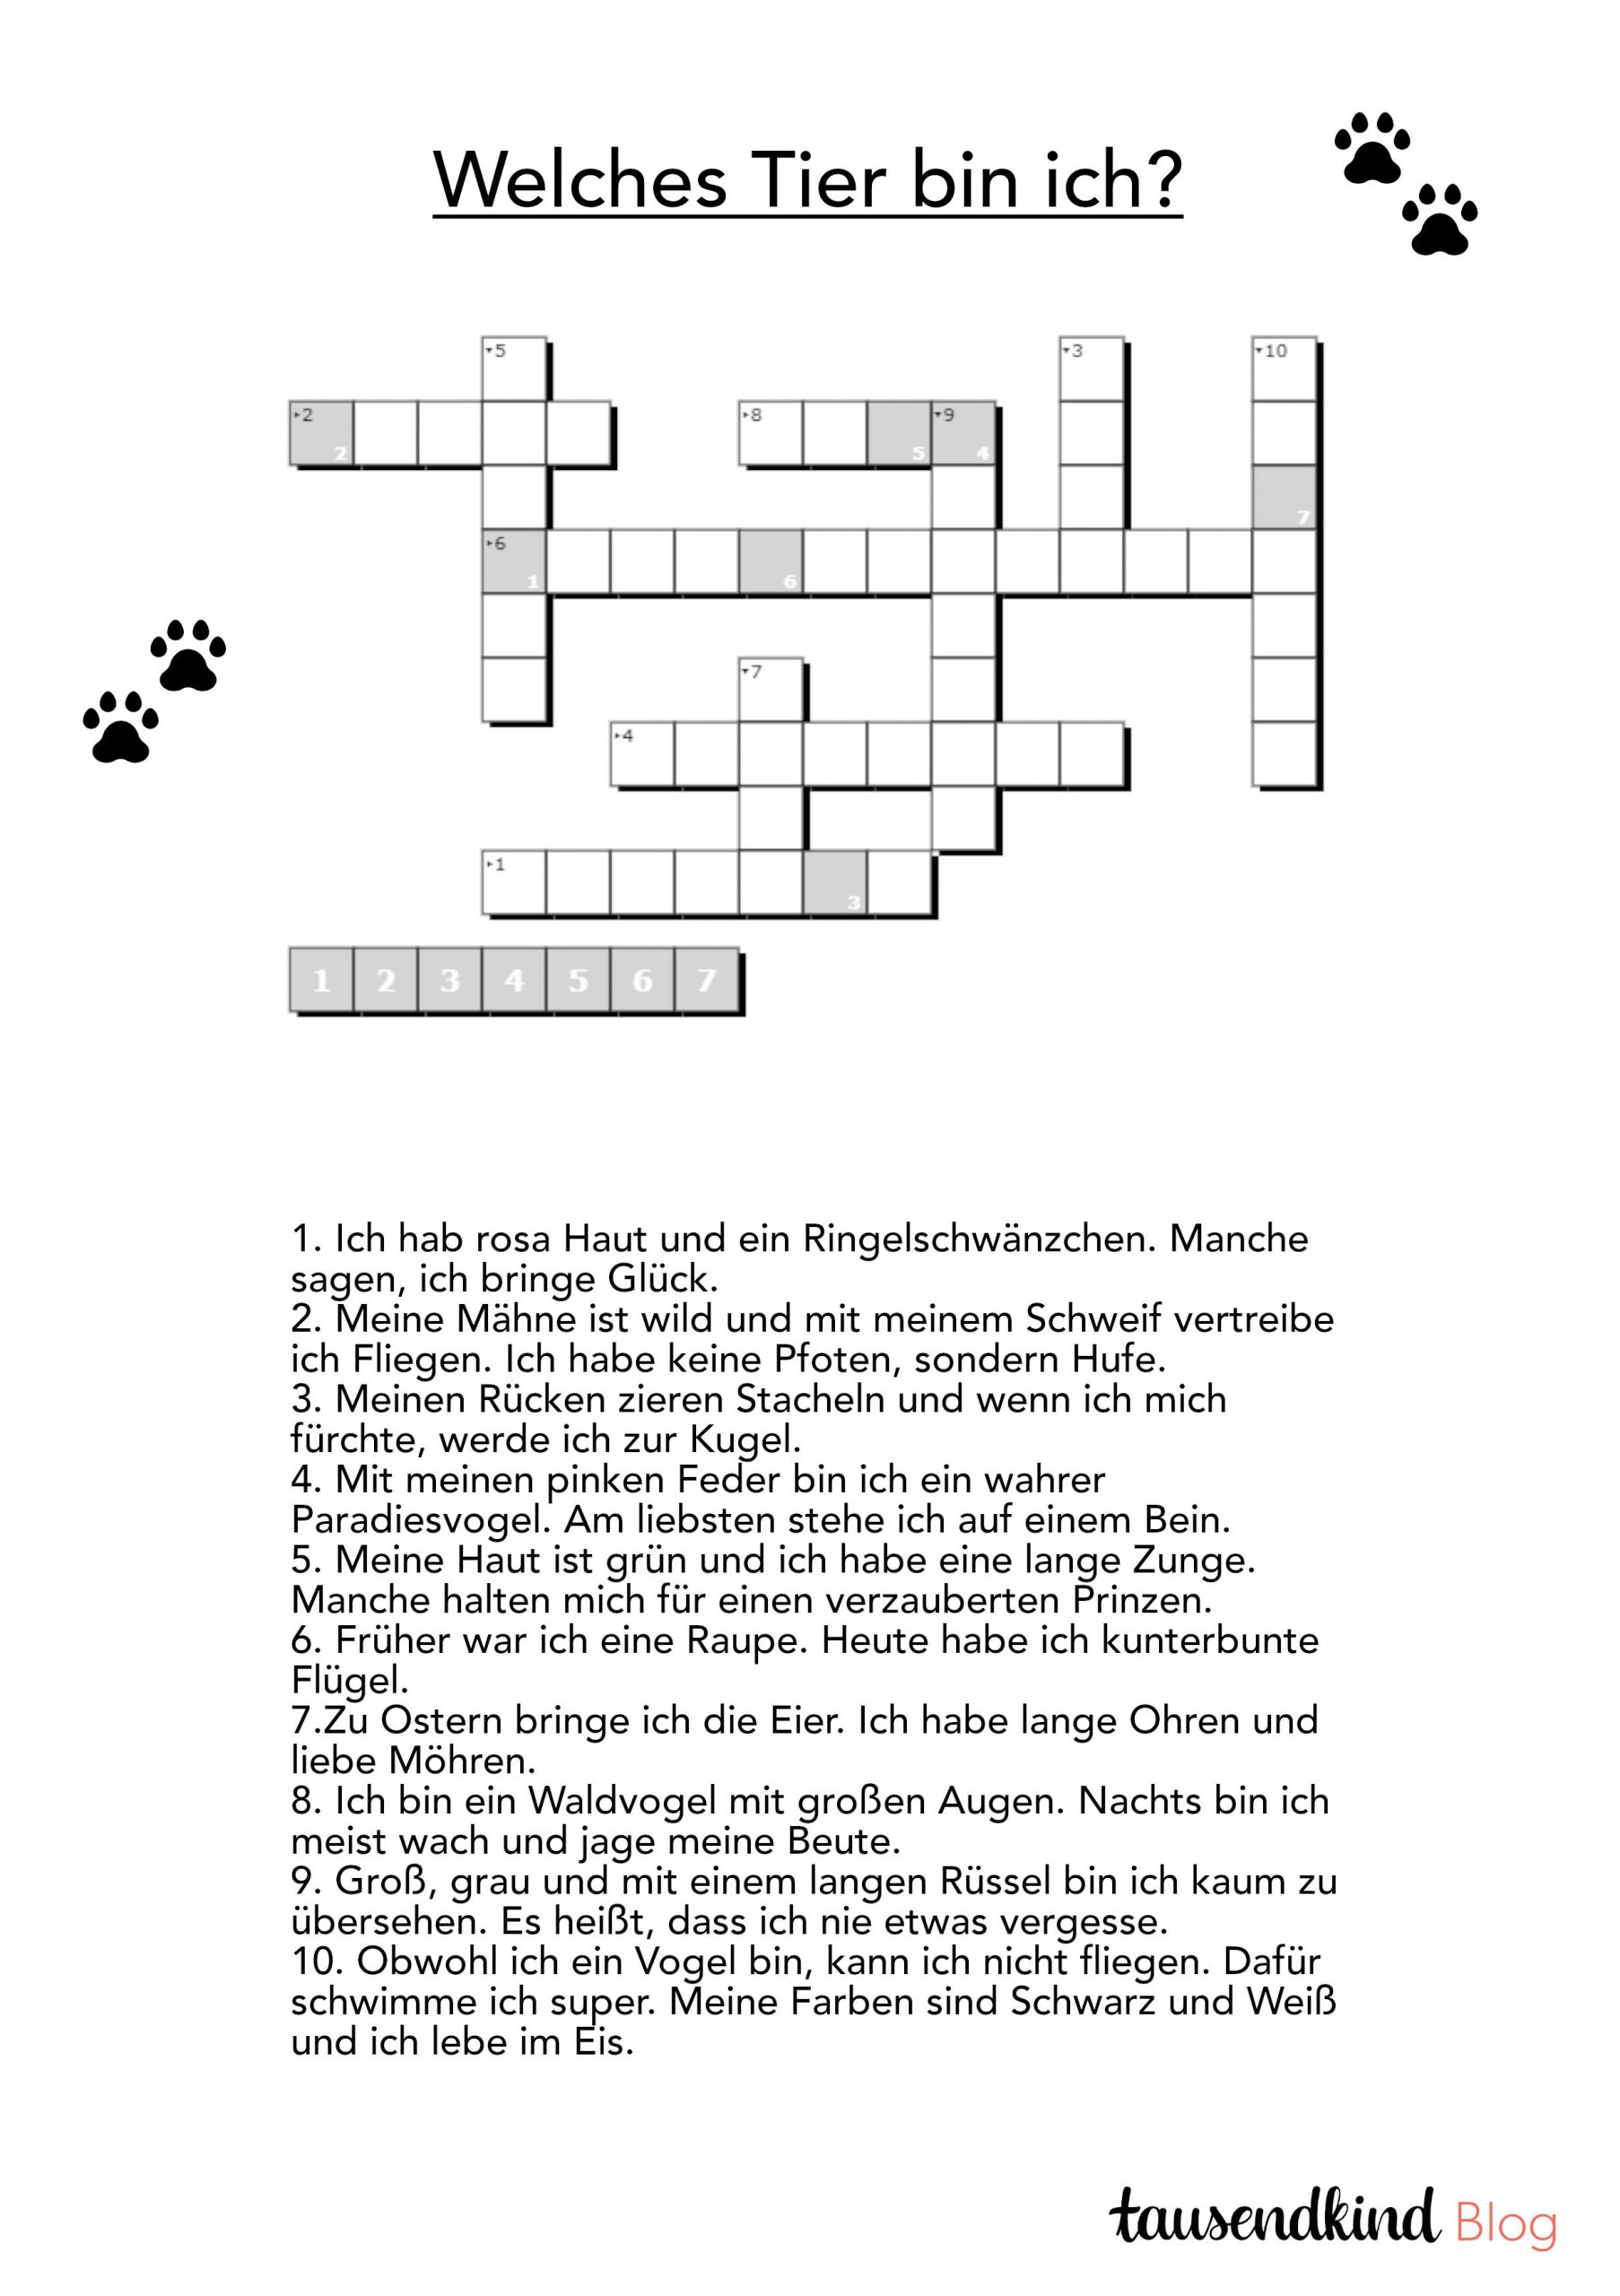 Rätsel Für Kinder Zum Ausdrucken - 5 Varianten Gegen Die bei Märchenfigur Bei Grimm Kreuzworträtsel